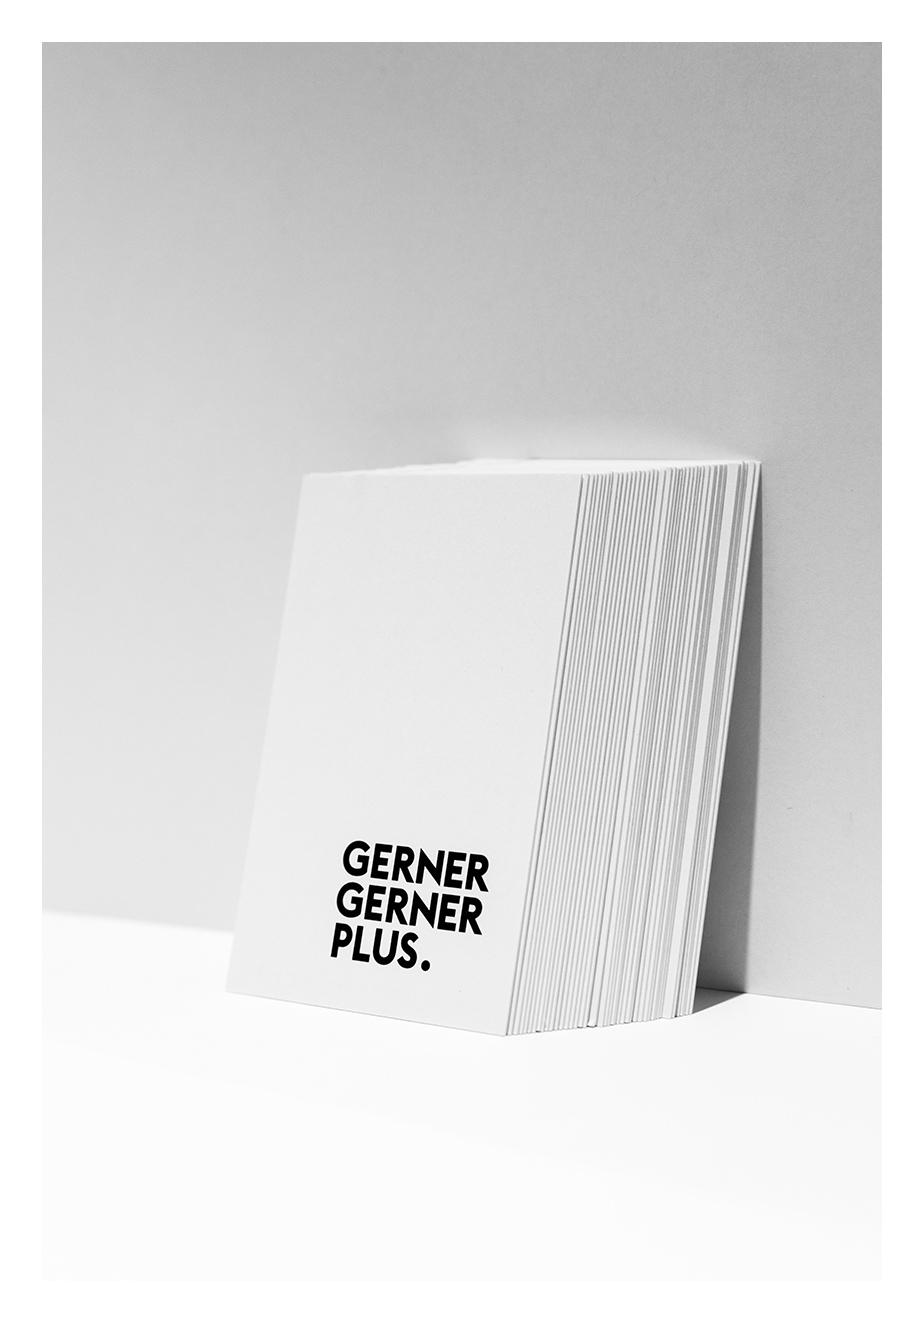 VALENCE Gerner 0501 924x1323